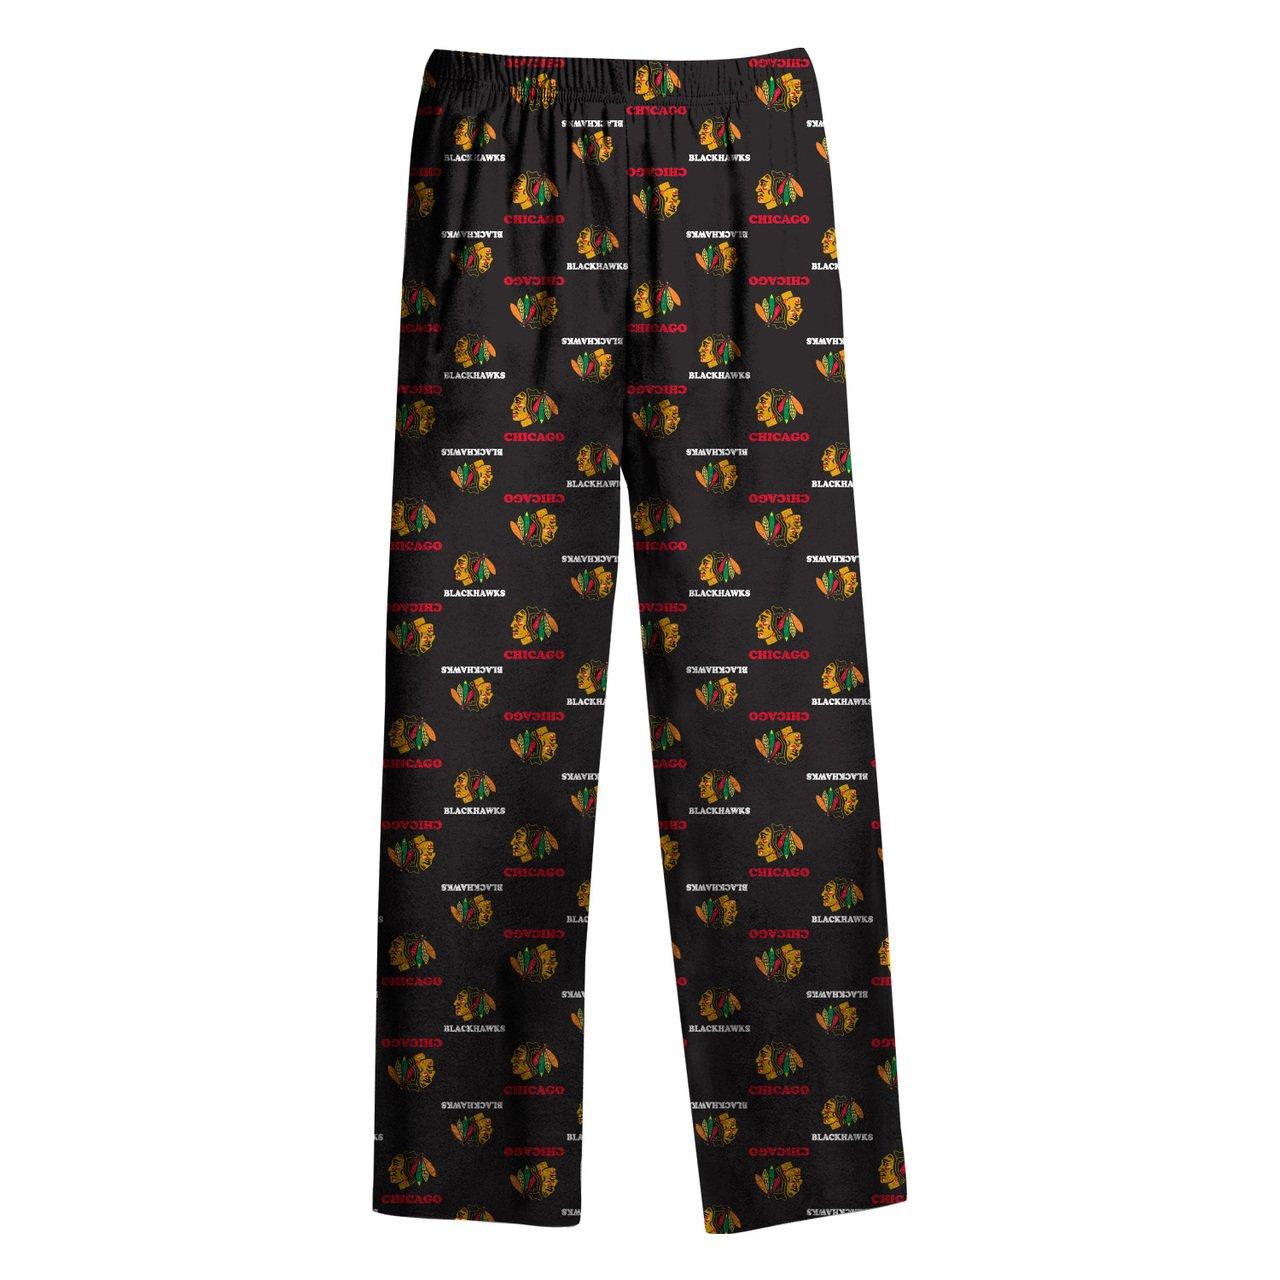 ブラックホークスユースロゴPrint Lounge Pants – ブラック、 XL  B017ZO1E9O